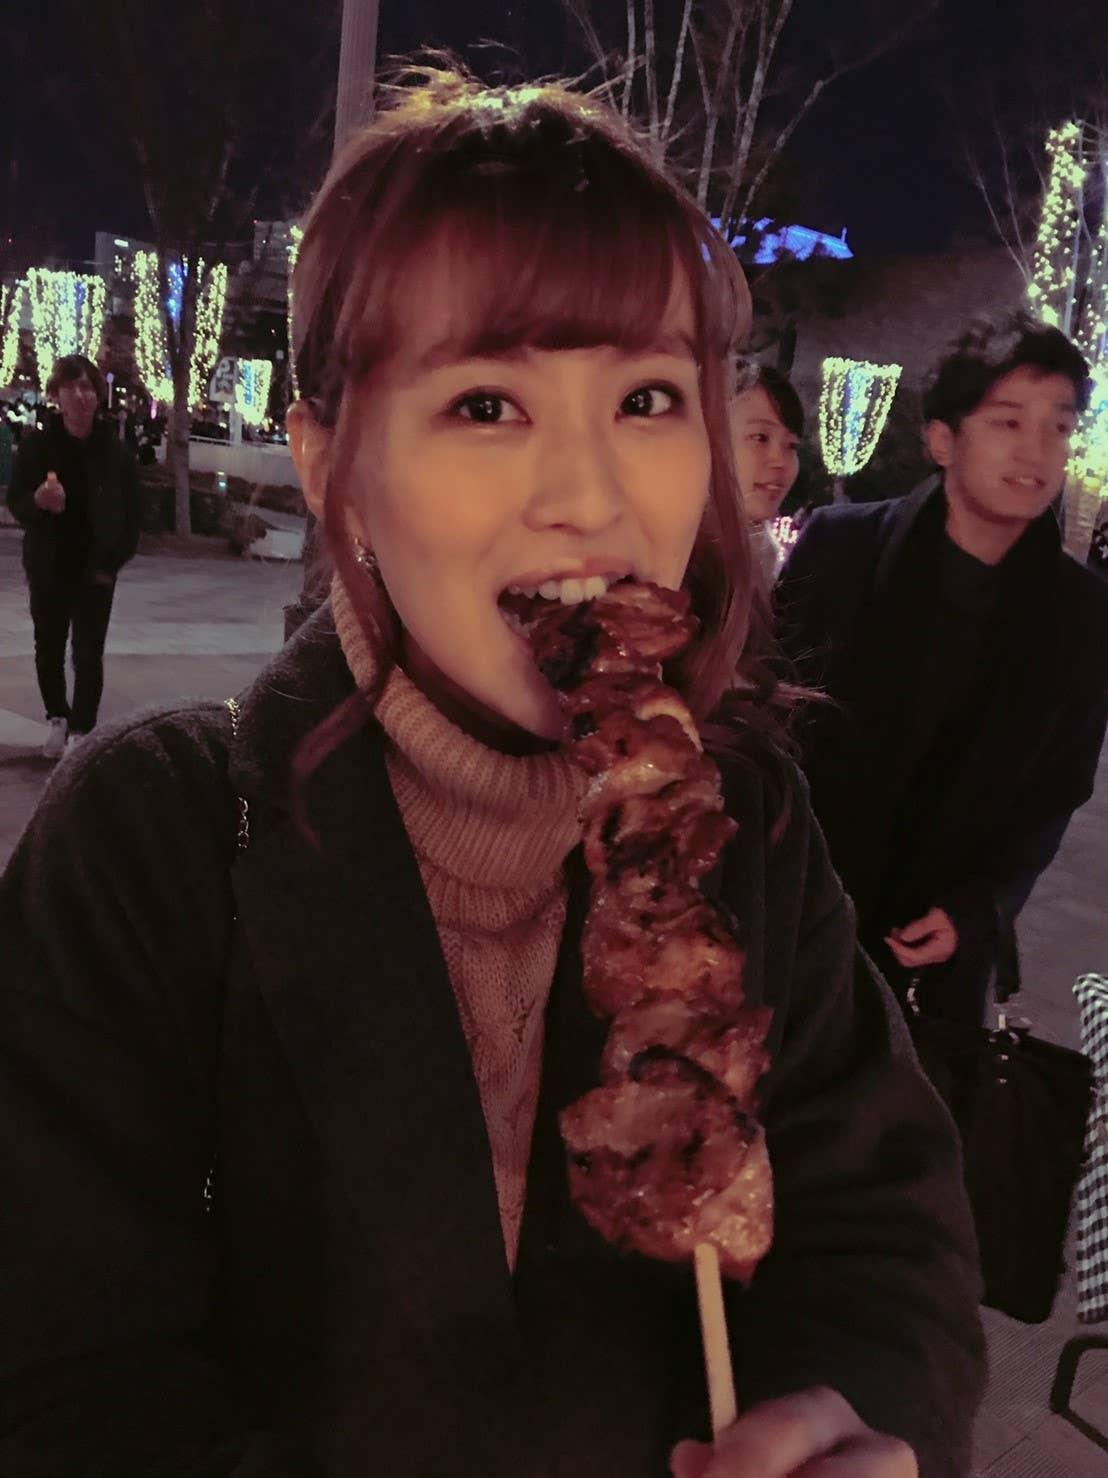 Reina Kamioka